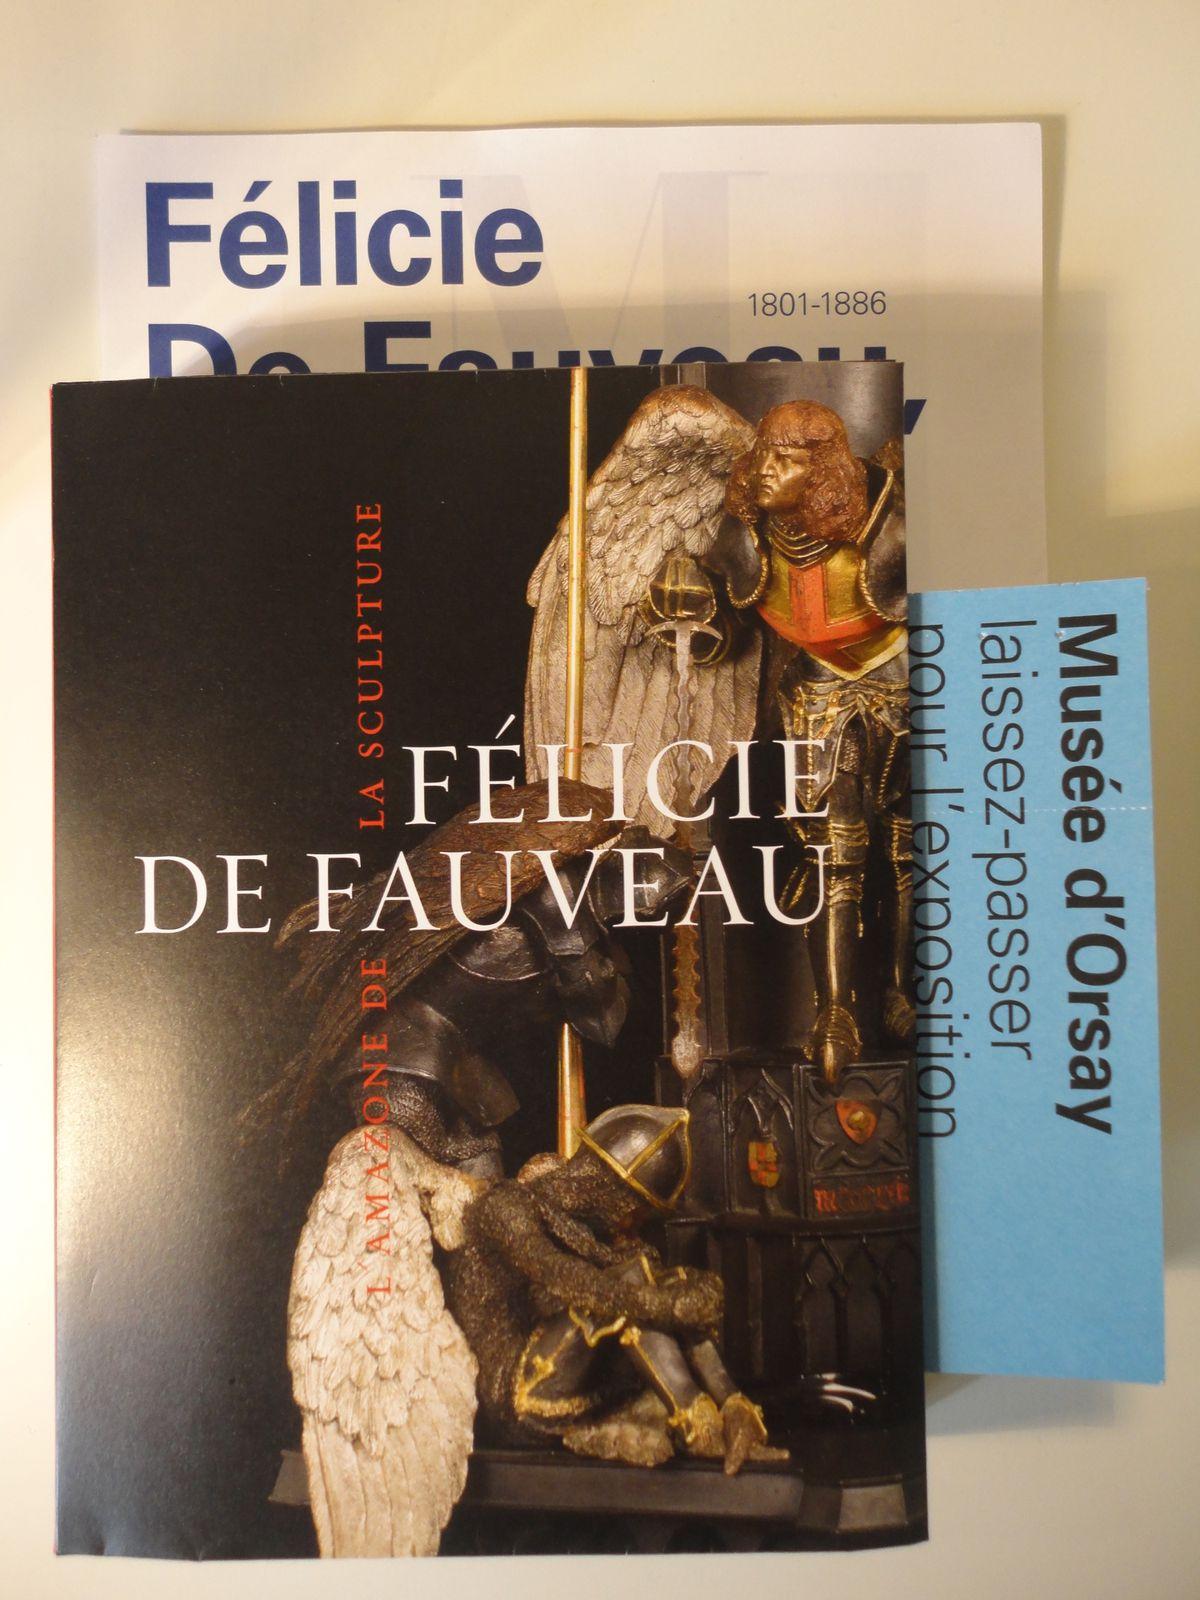 FELICIE DE FAUVEAU - MUSEE D'ORSAY - 2013